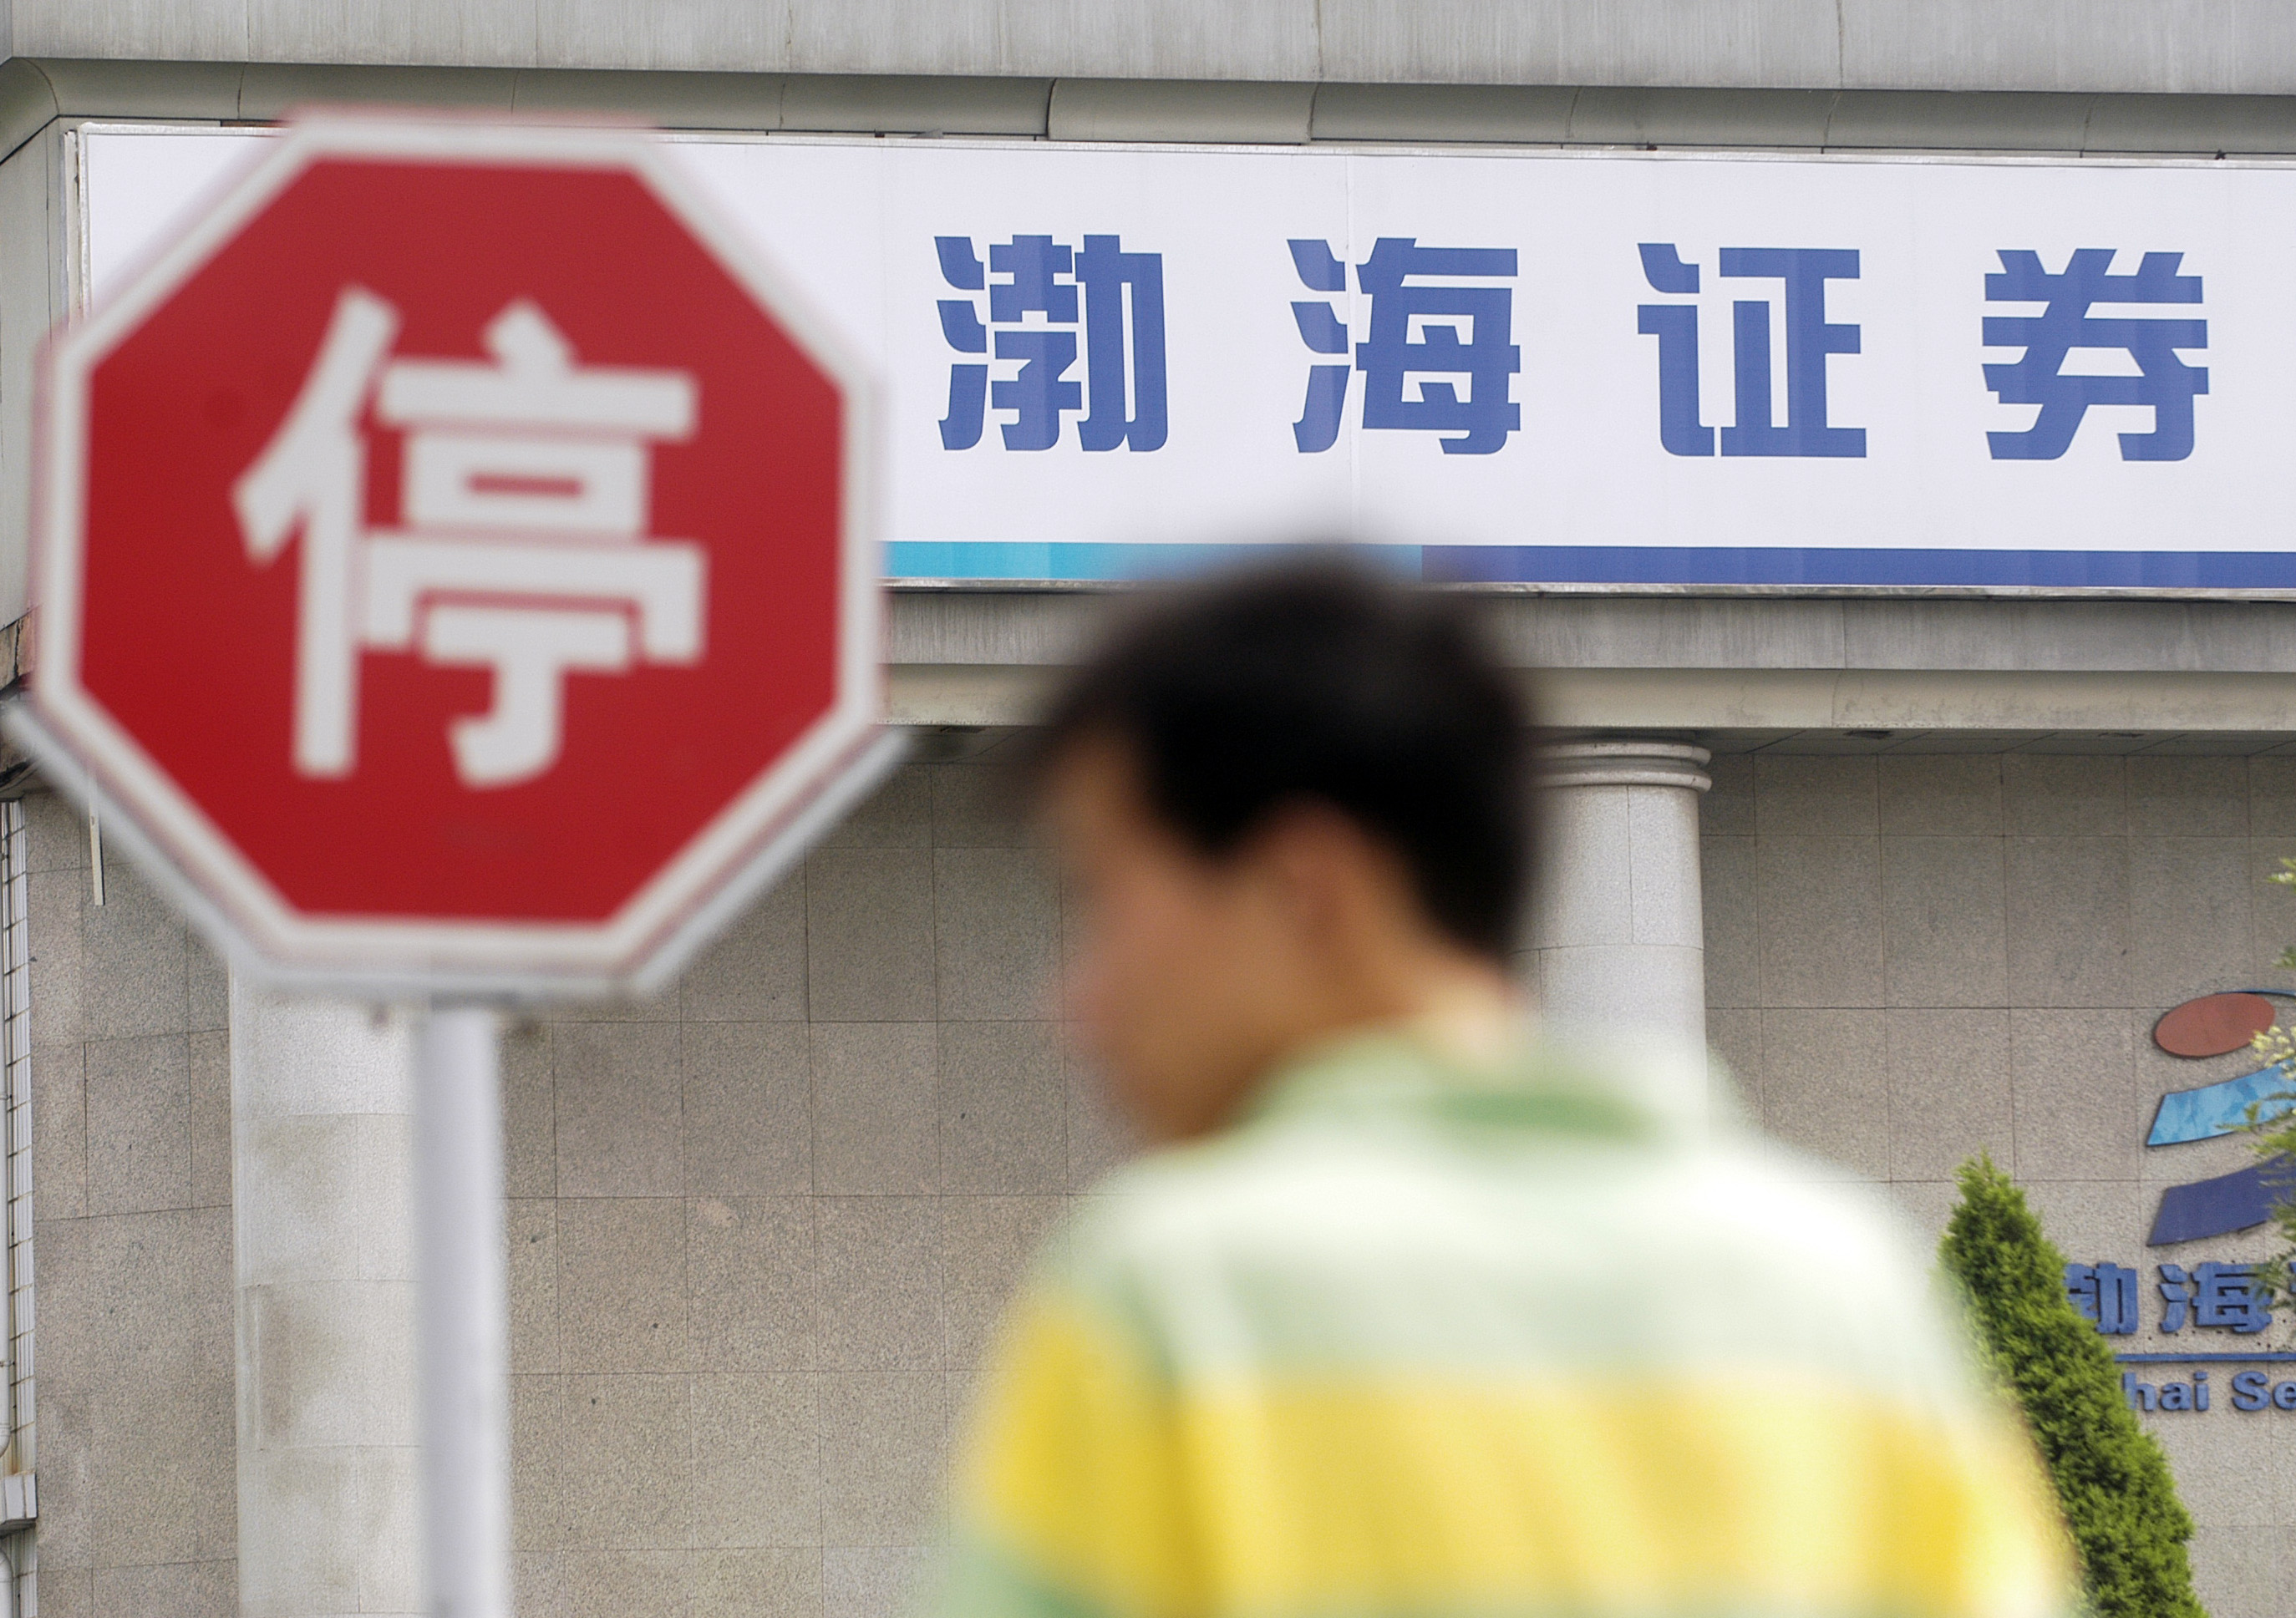 欧亿OE代理IPO之路坎坷不断!渤海证券评级遭下调,两年内3名核心高管离职